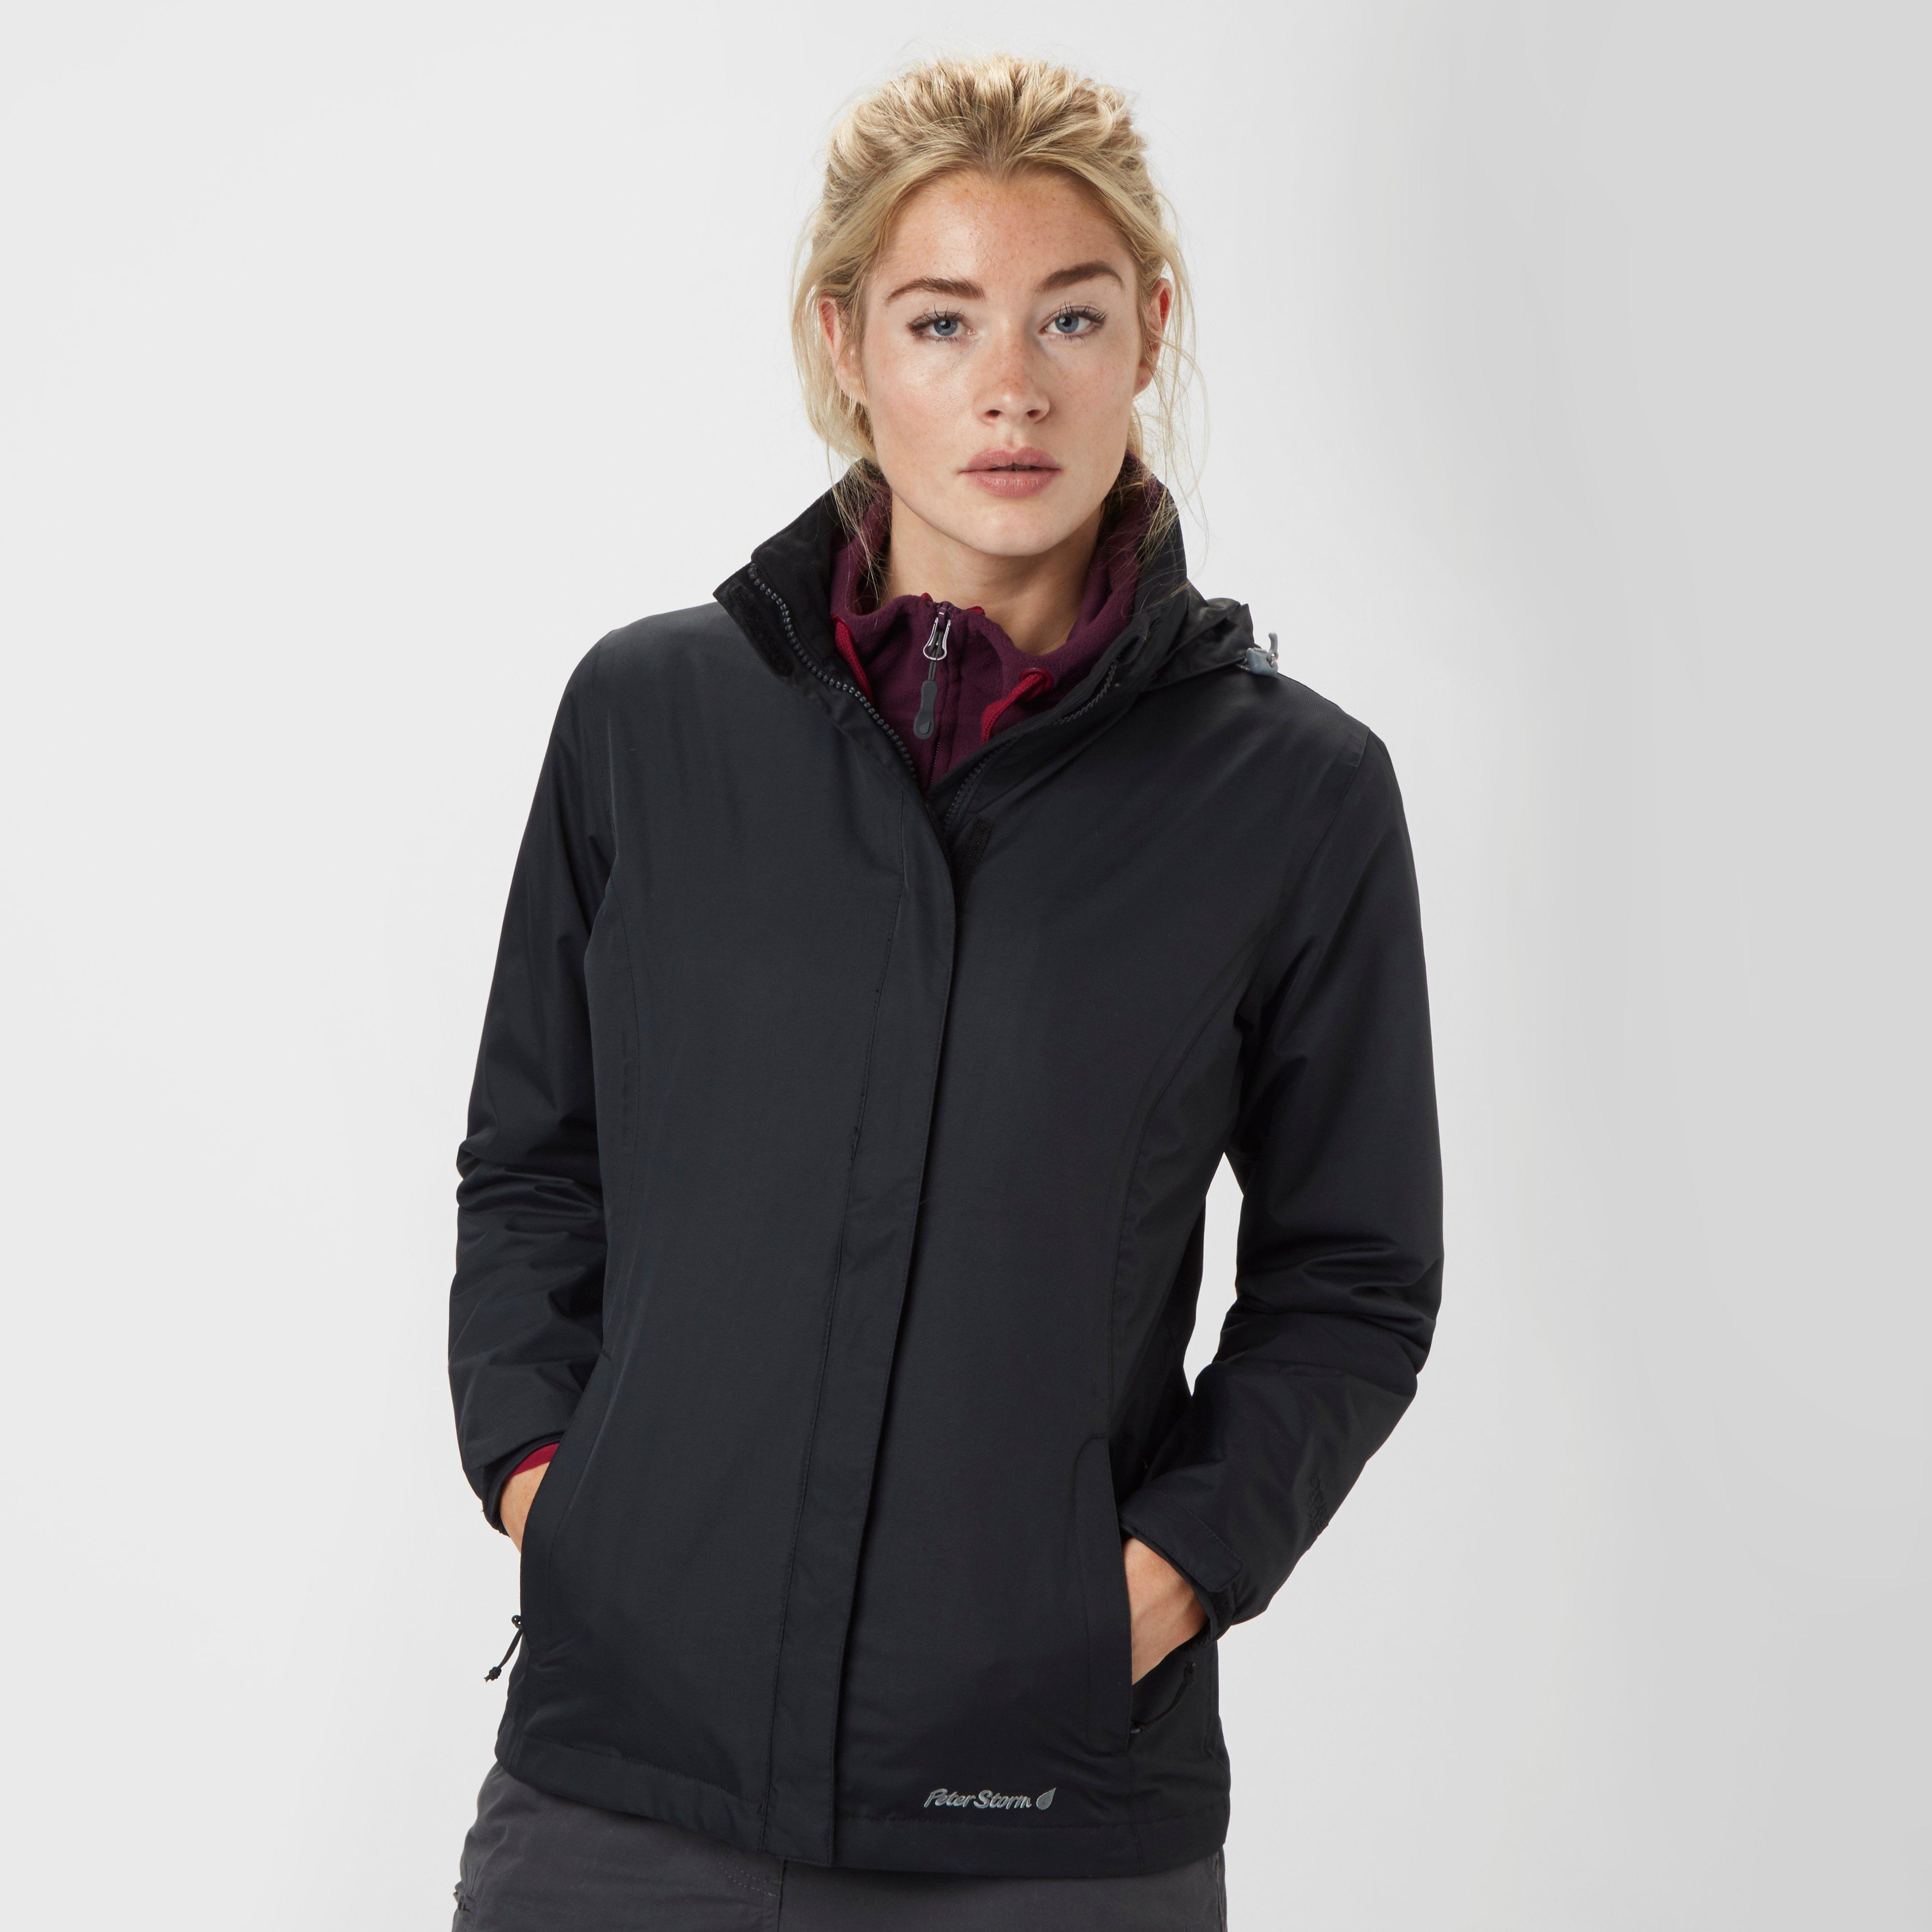 Peter Storm Women's Storm Waterproof Jacket, Black